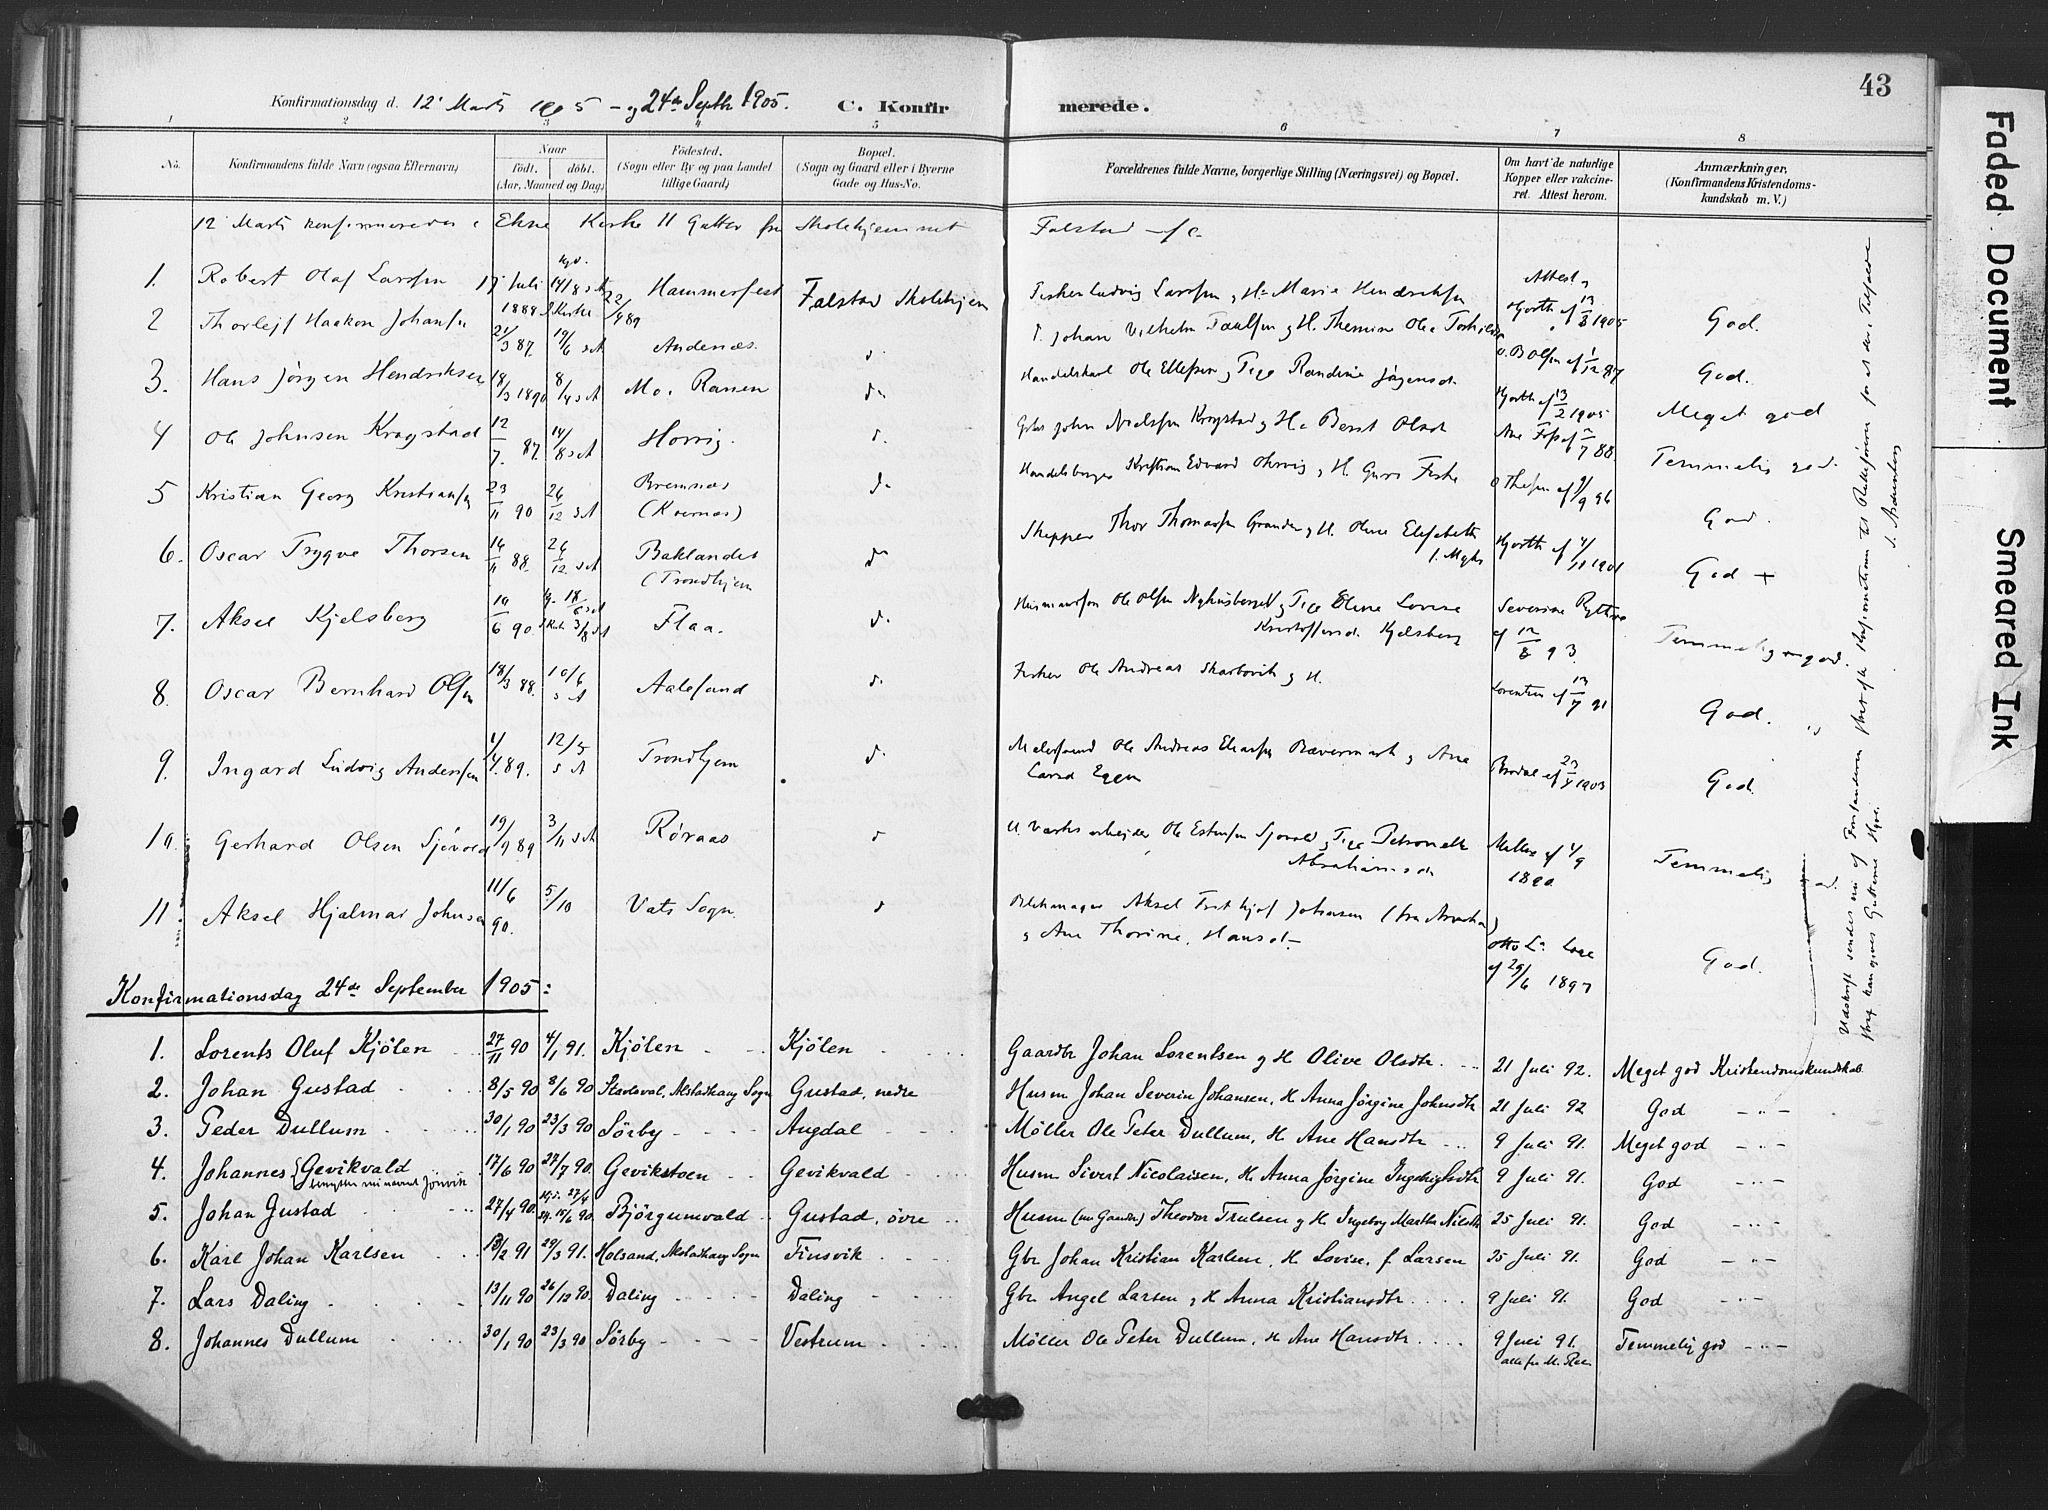 SAT, Ministerialprotokoller, klokkerbøker og fødselsregistre - Nord-Trøndelag, 719/L0179: Ministerialbok nr. 719A02, 1901-1923, s. 43